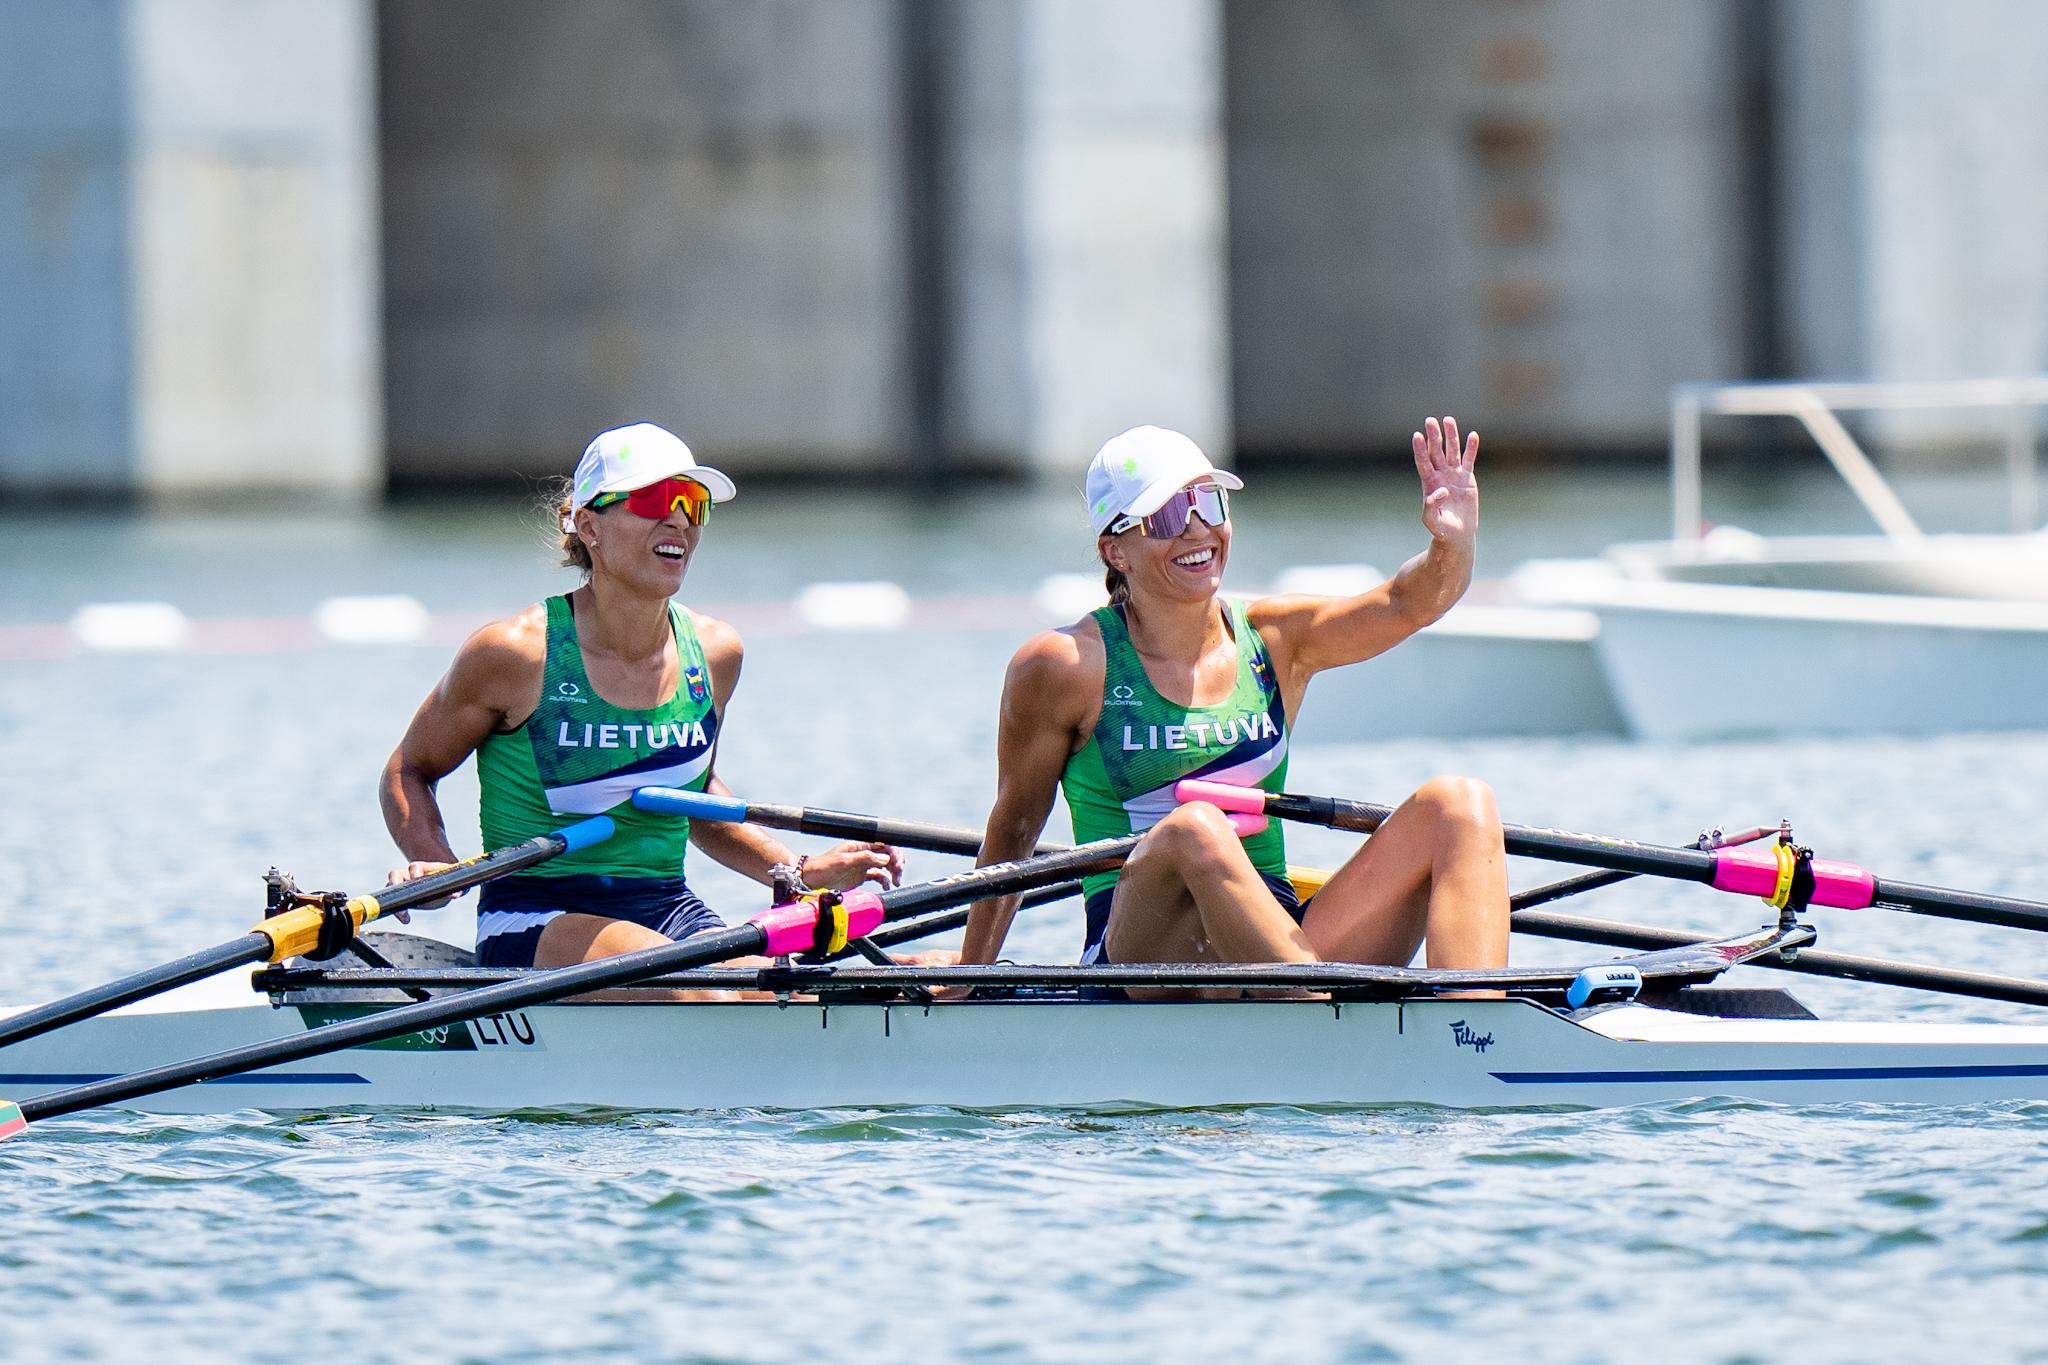 Rio de Žaneiro medalininkės – olimpinių žaidynių finale